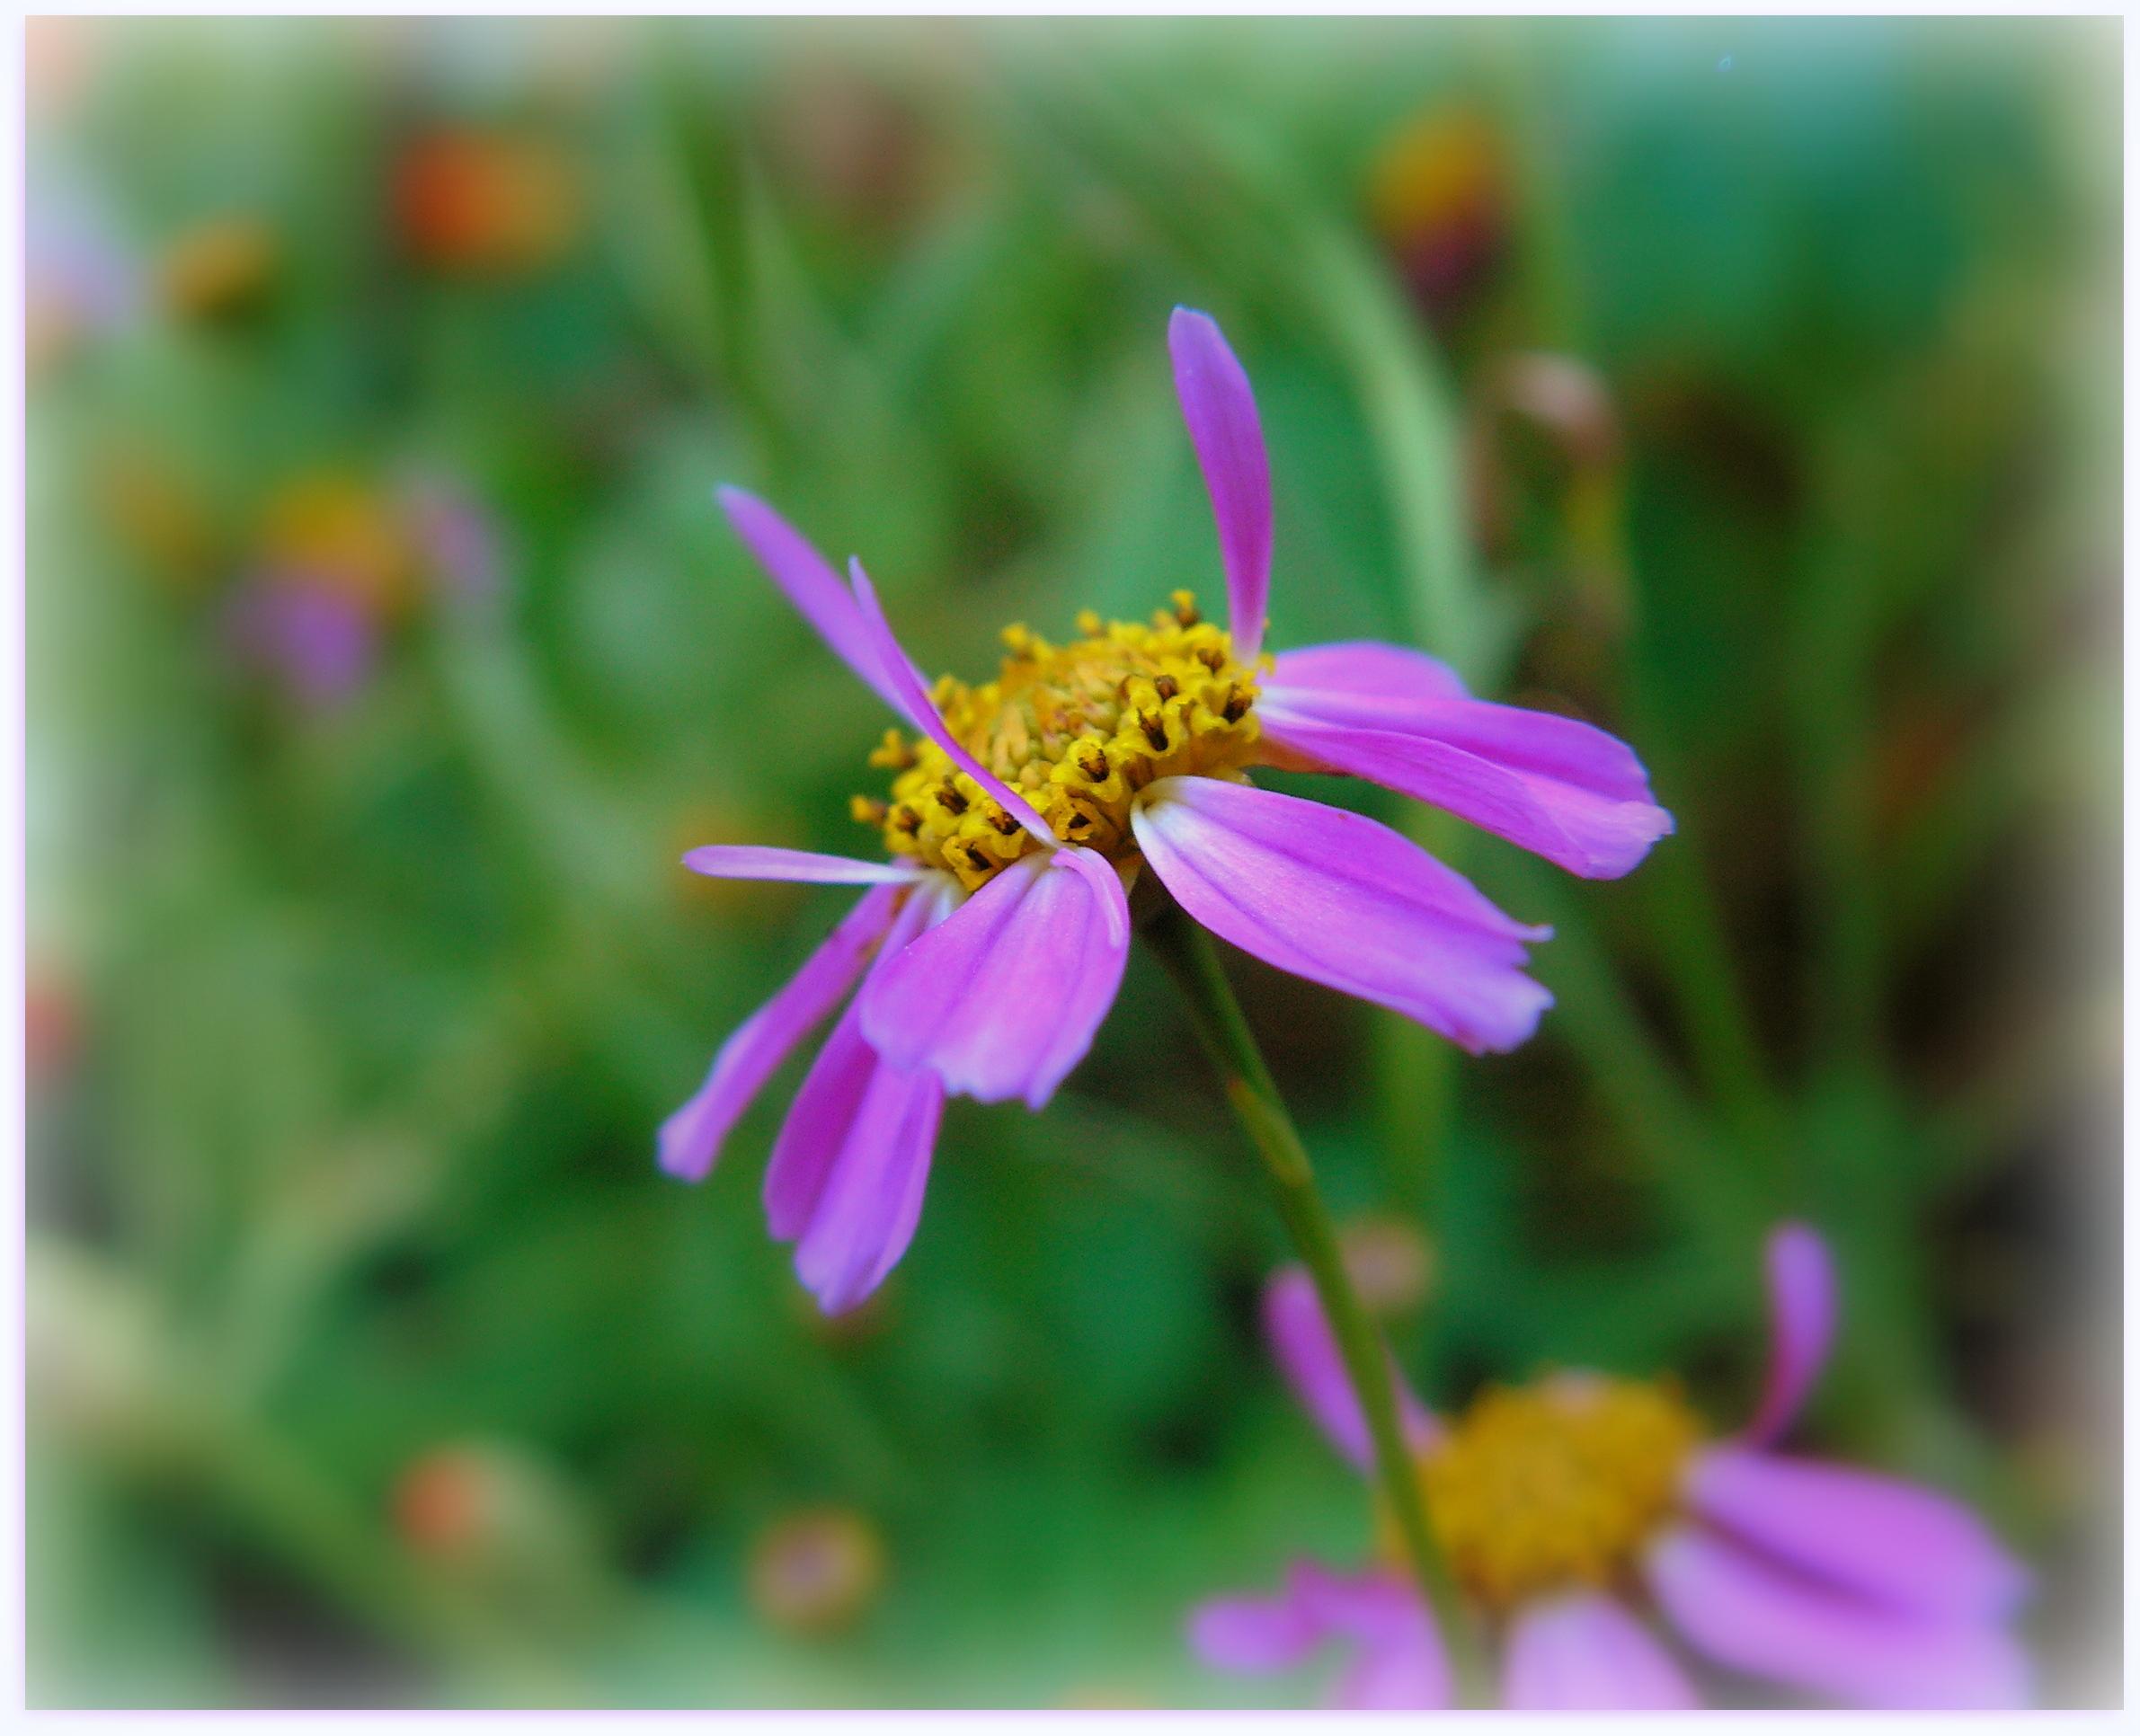 Little Violet Flower by JocelyneR